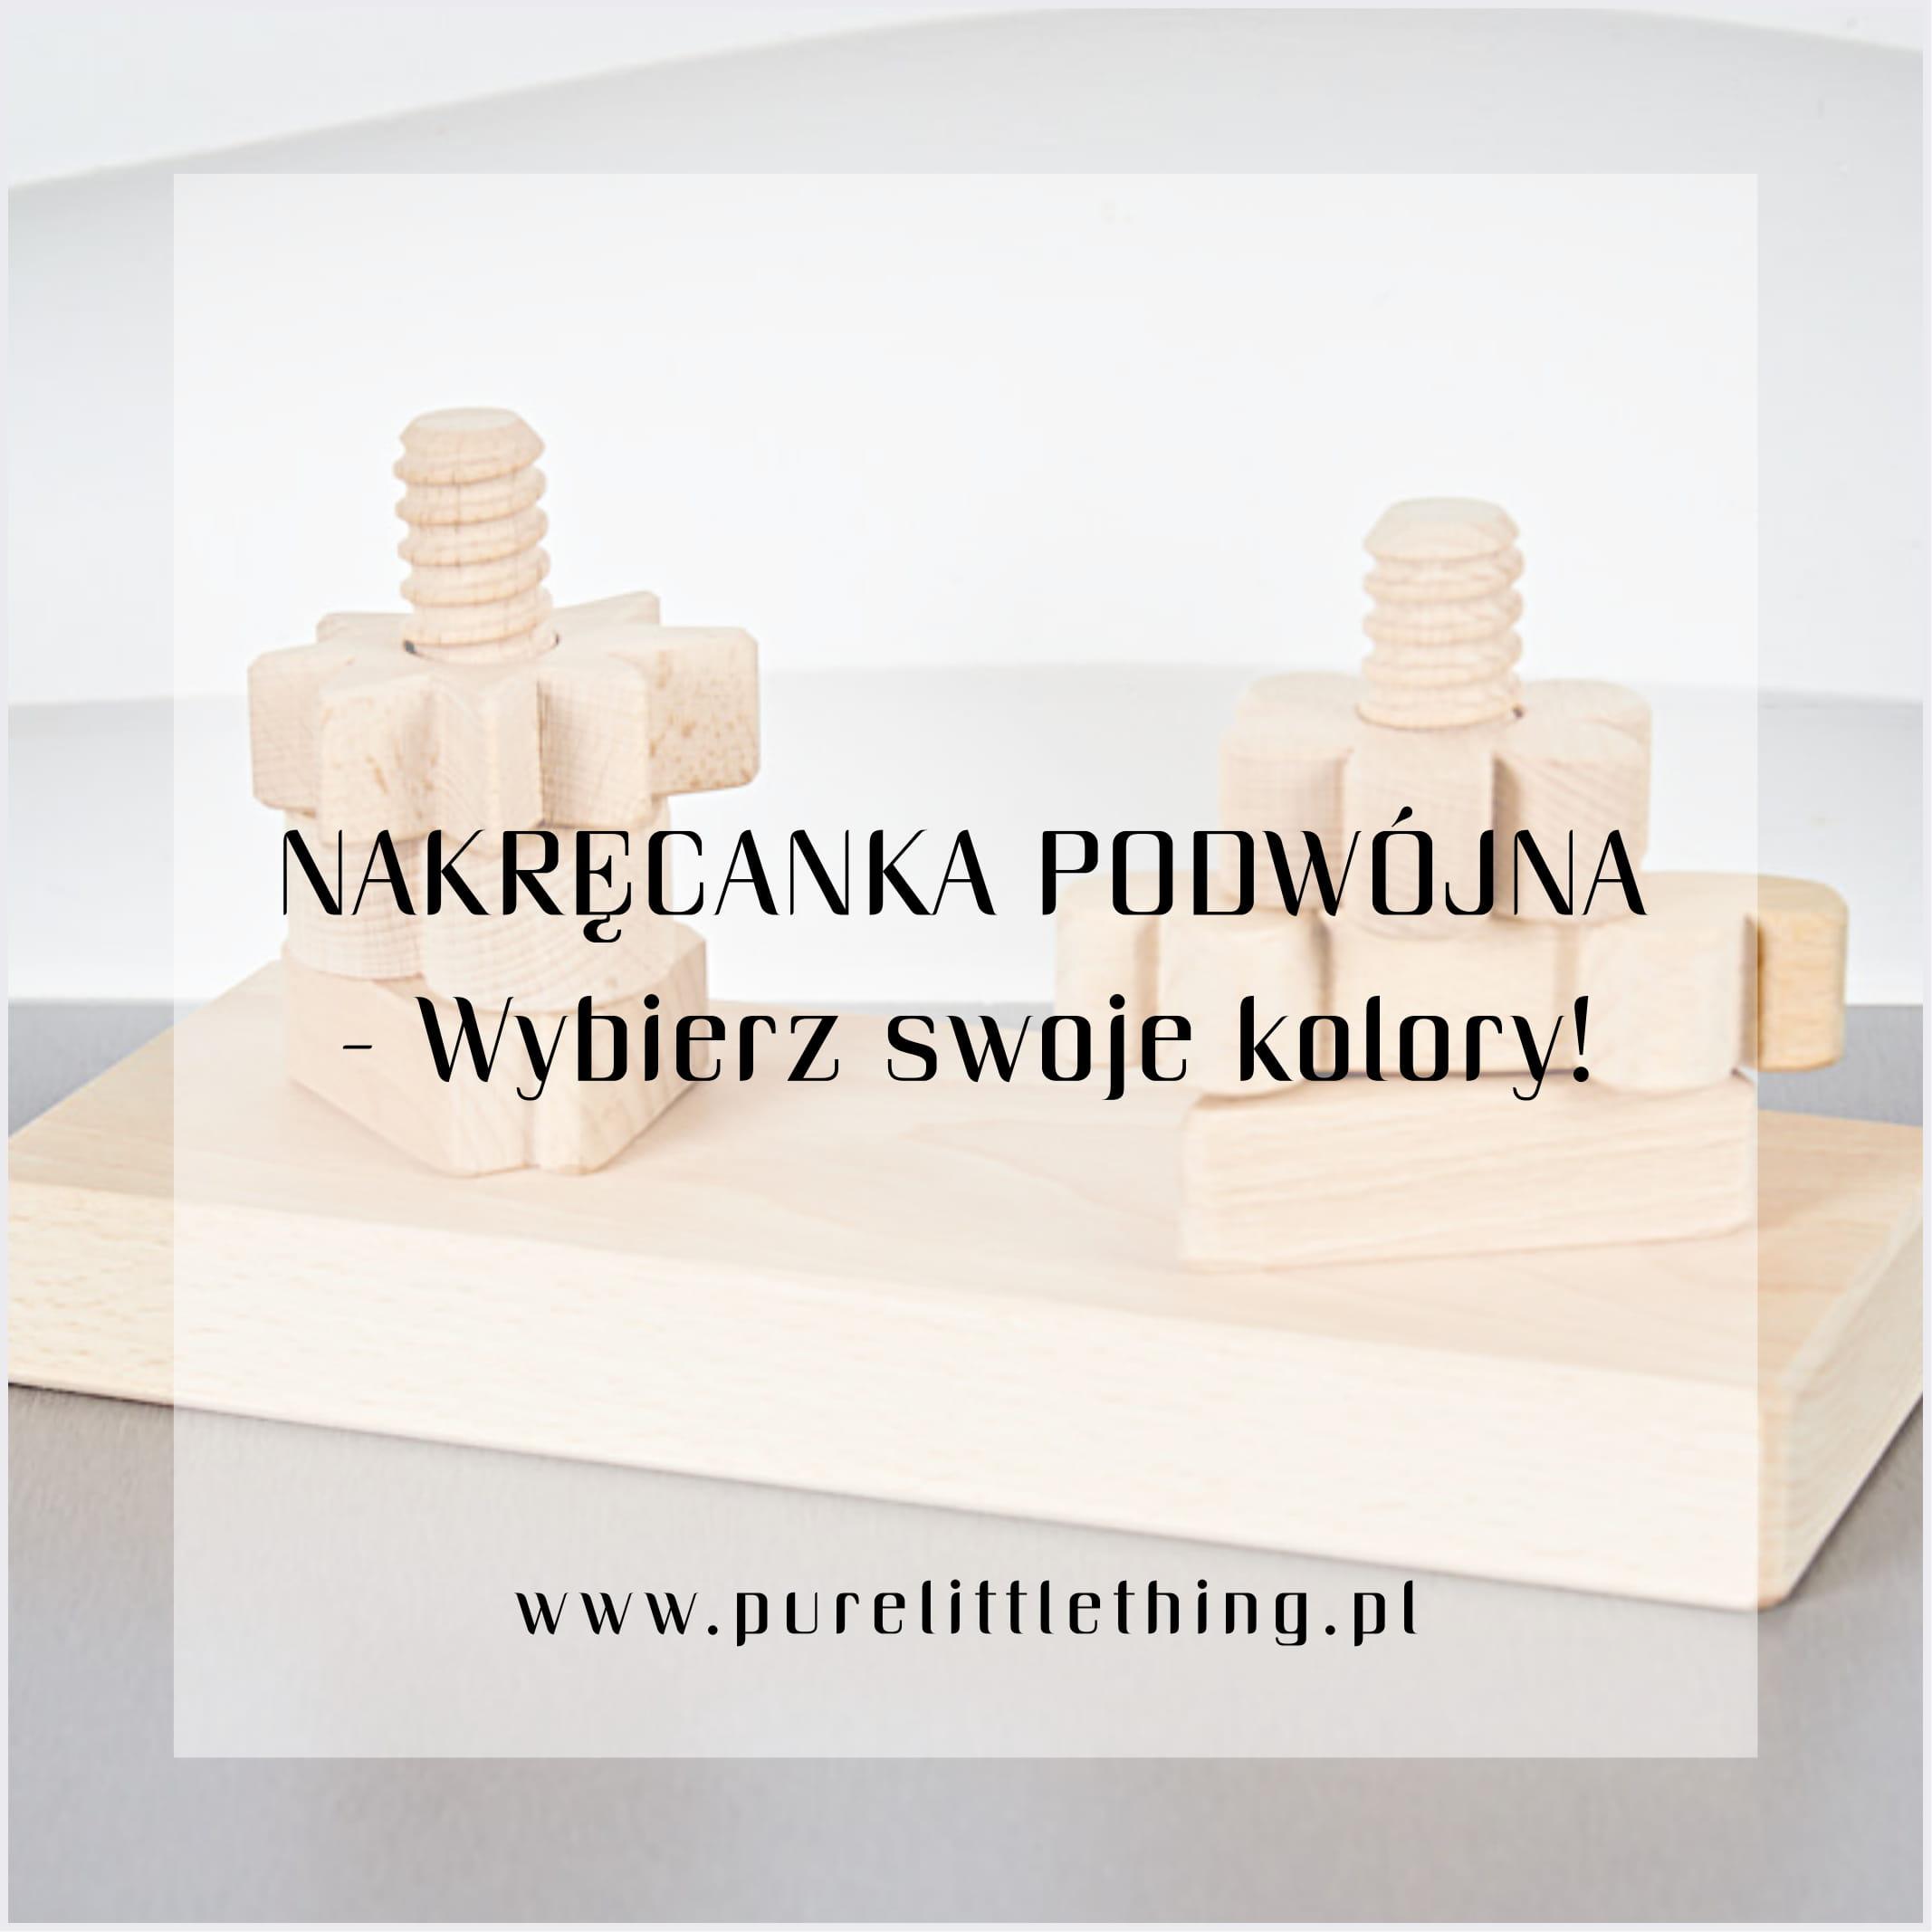 promocja_nakrecanka_2